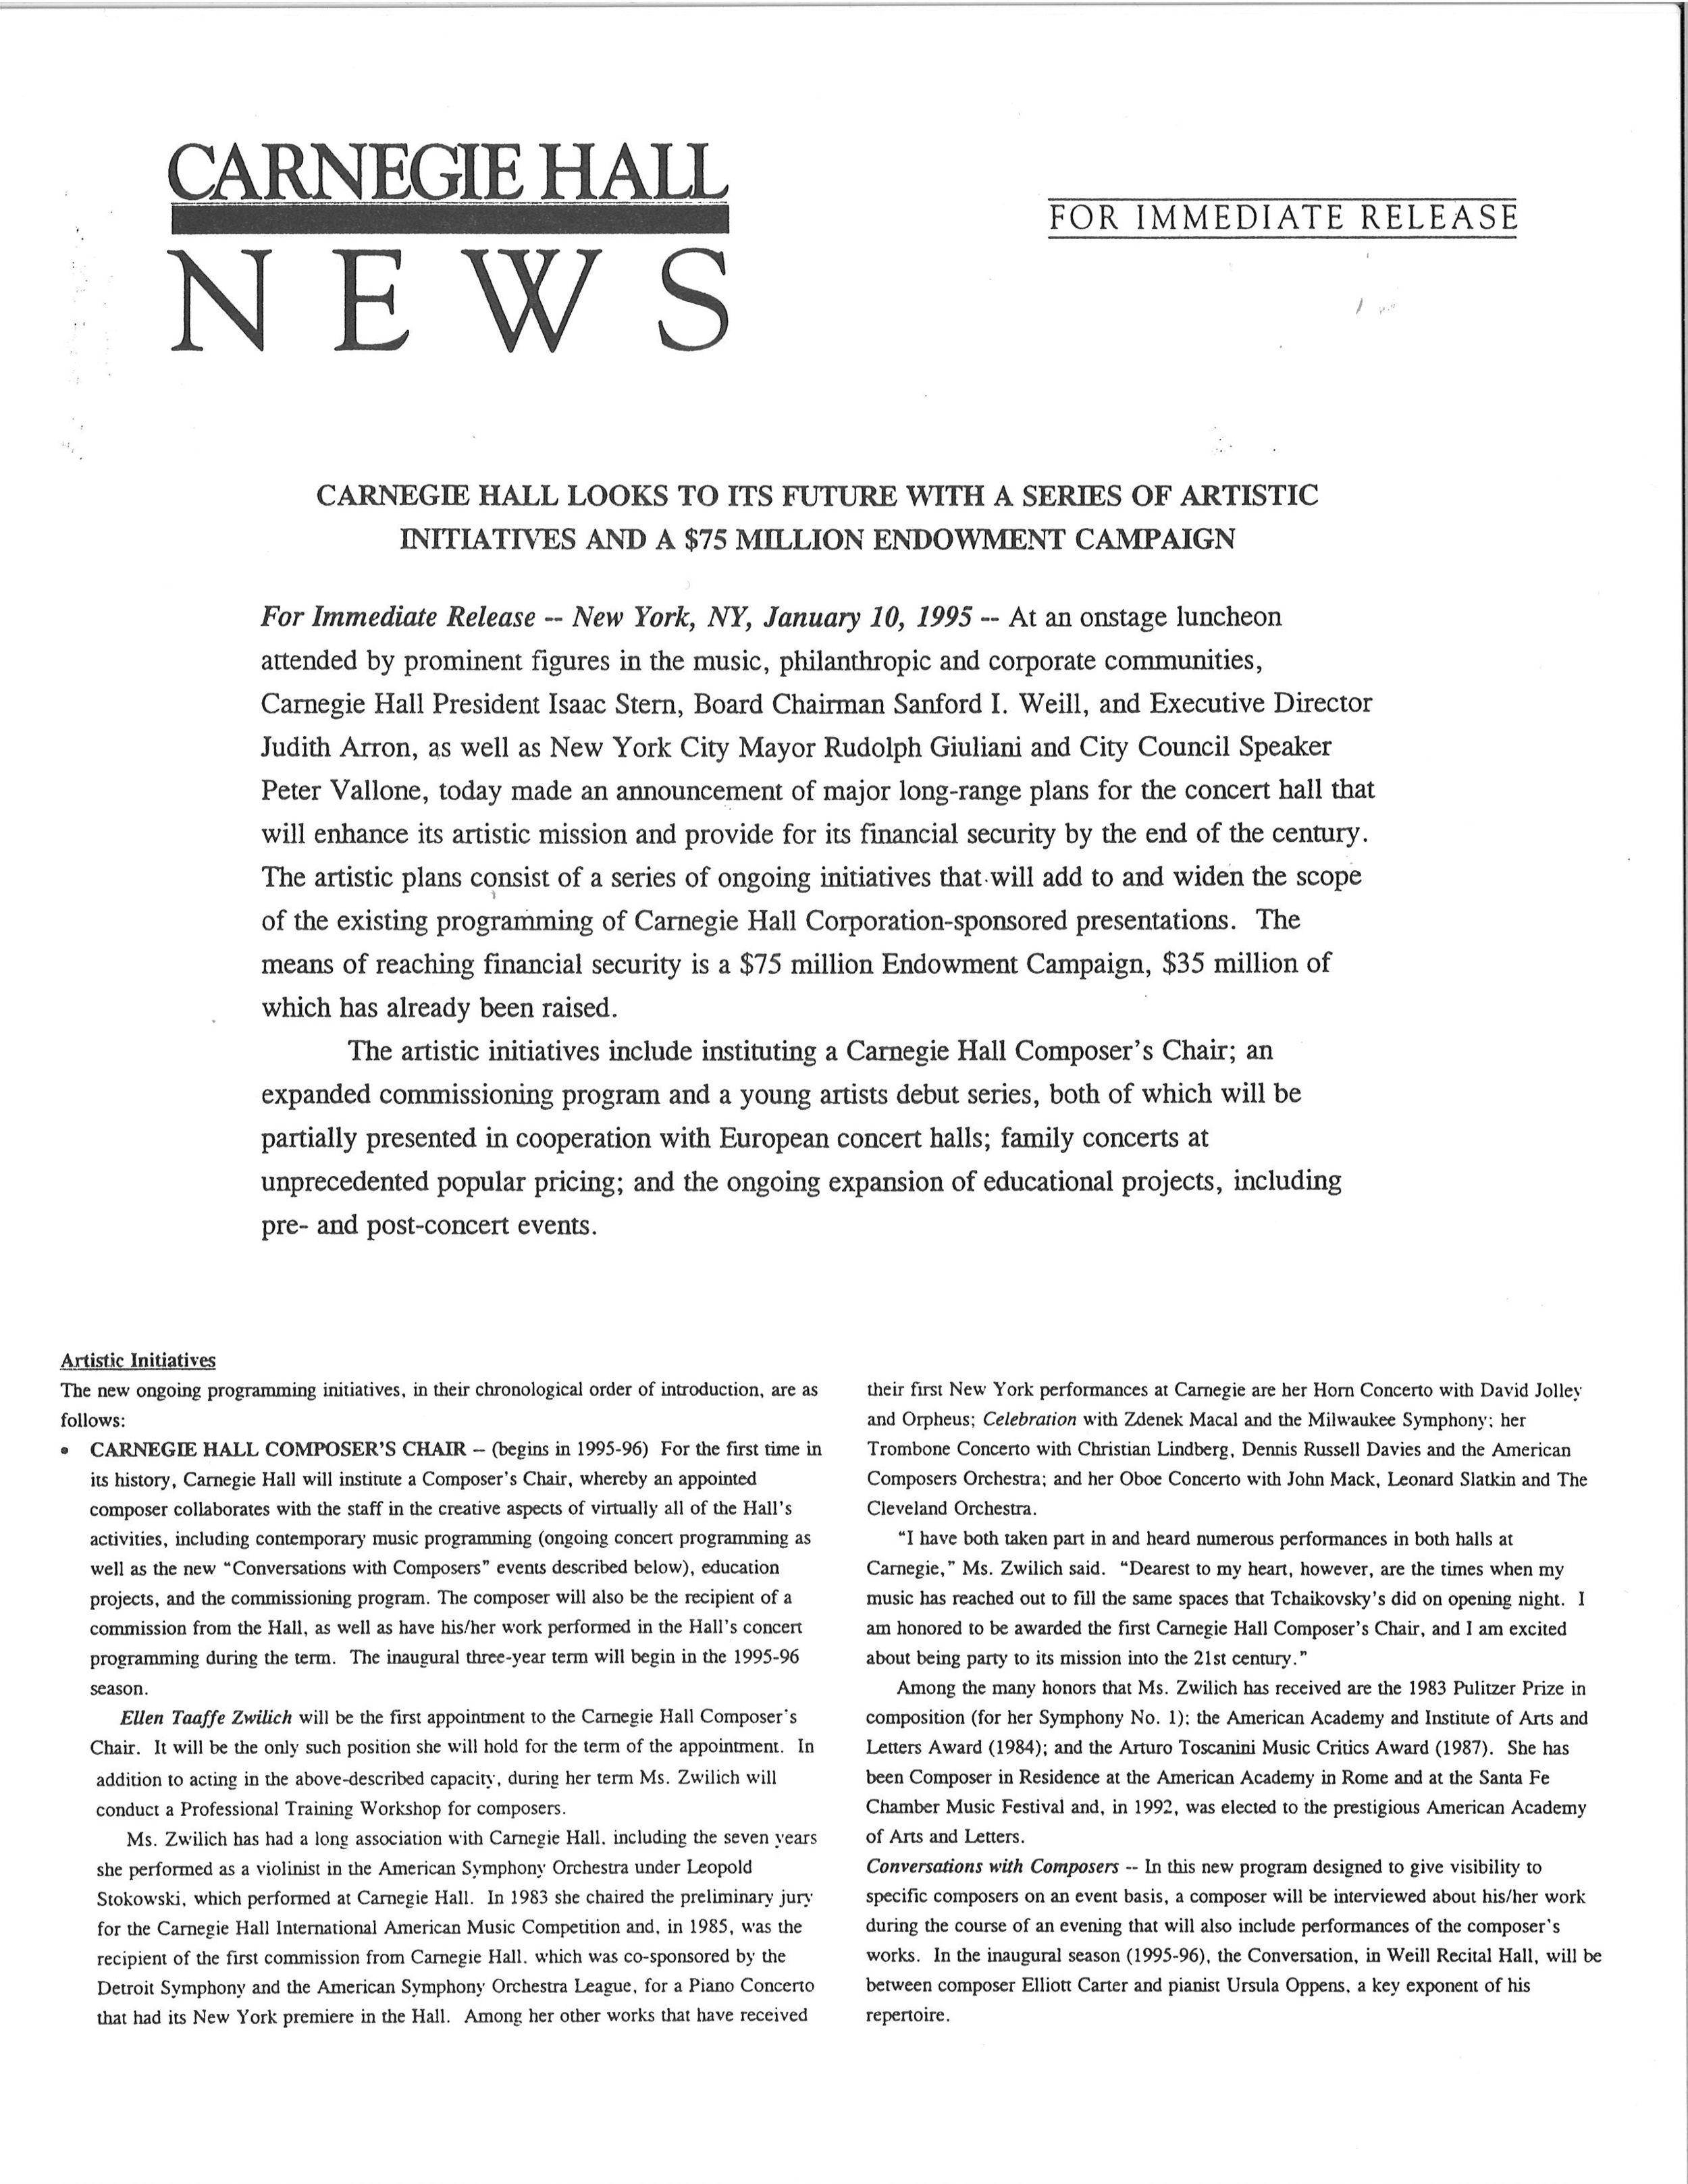 Carnegie Hall News